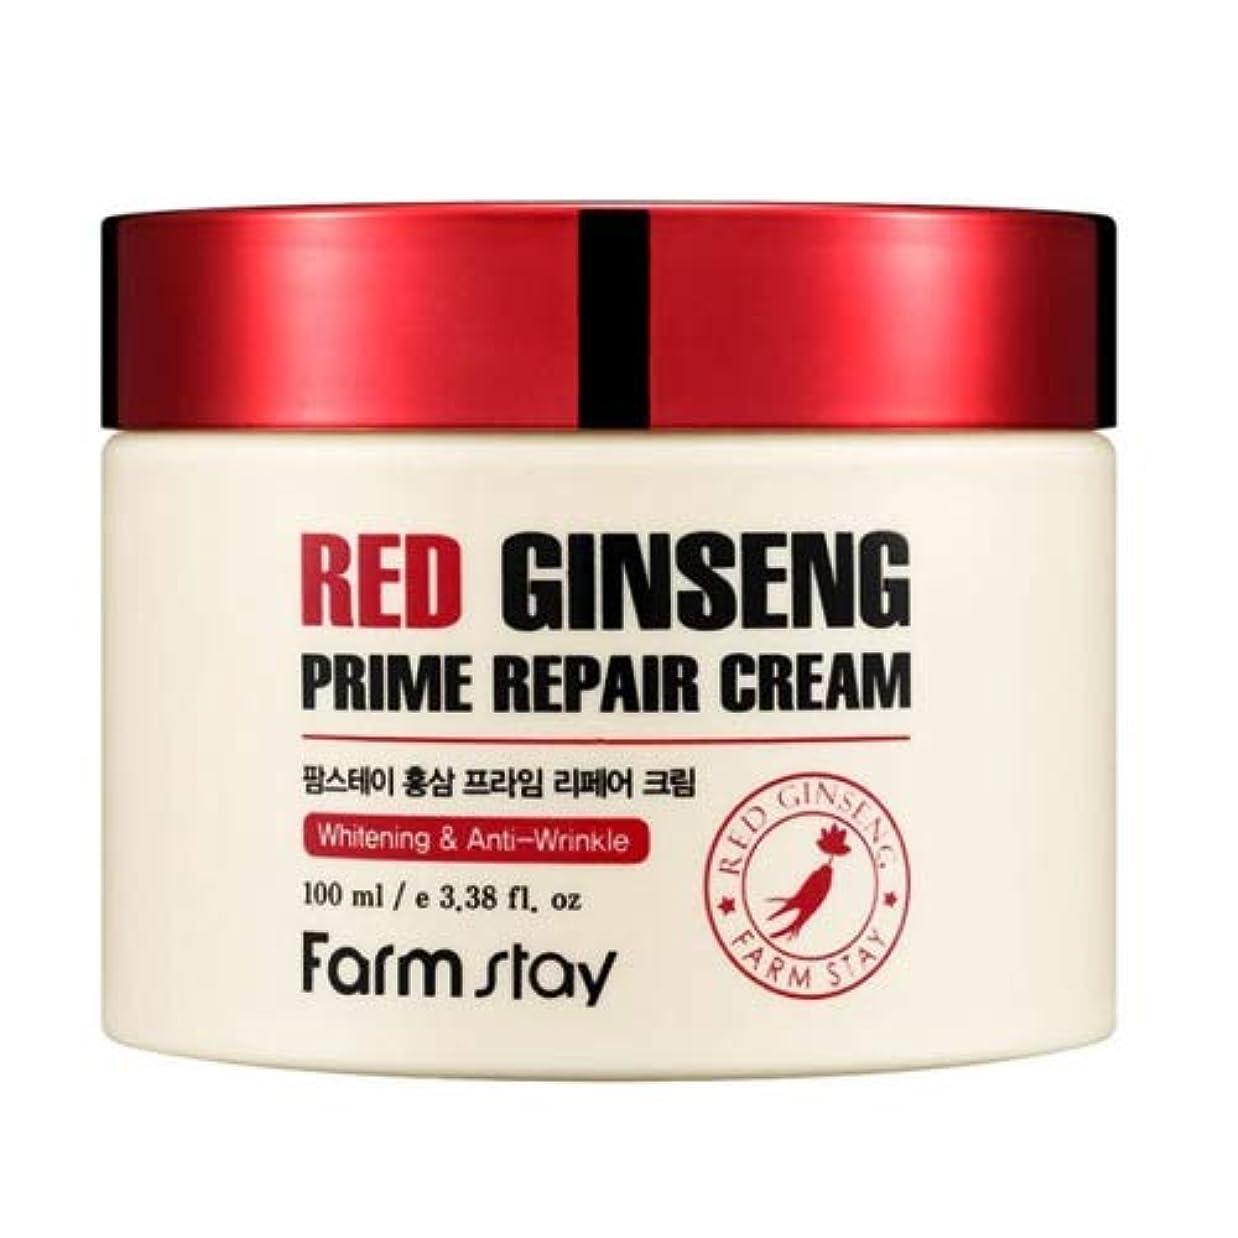 体細胞確認するビデオFarm stay Red Ginseng Prime Repair Cream 紅参プライムリペアクリーム100ml[並行輸入品]